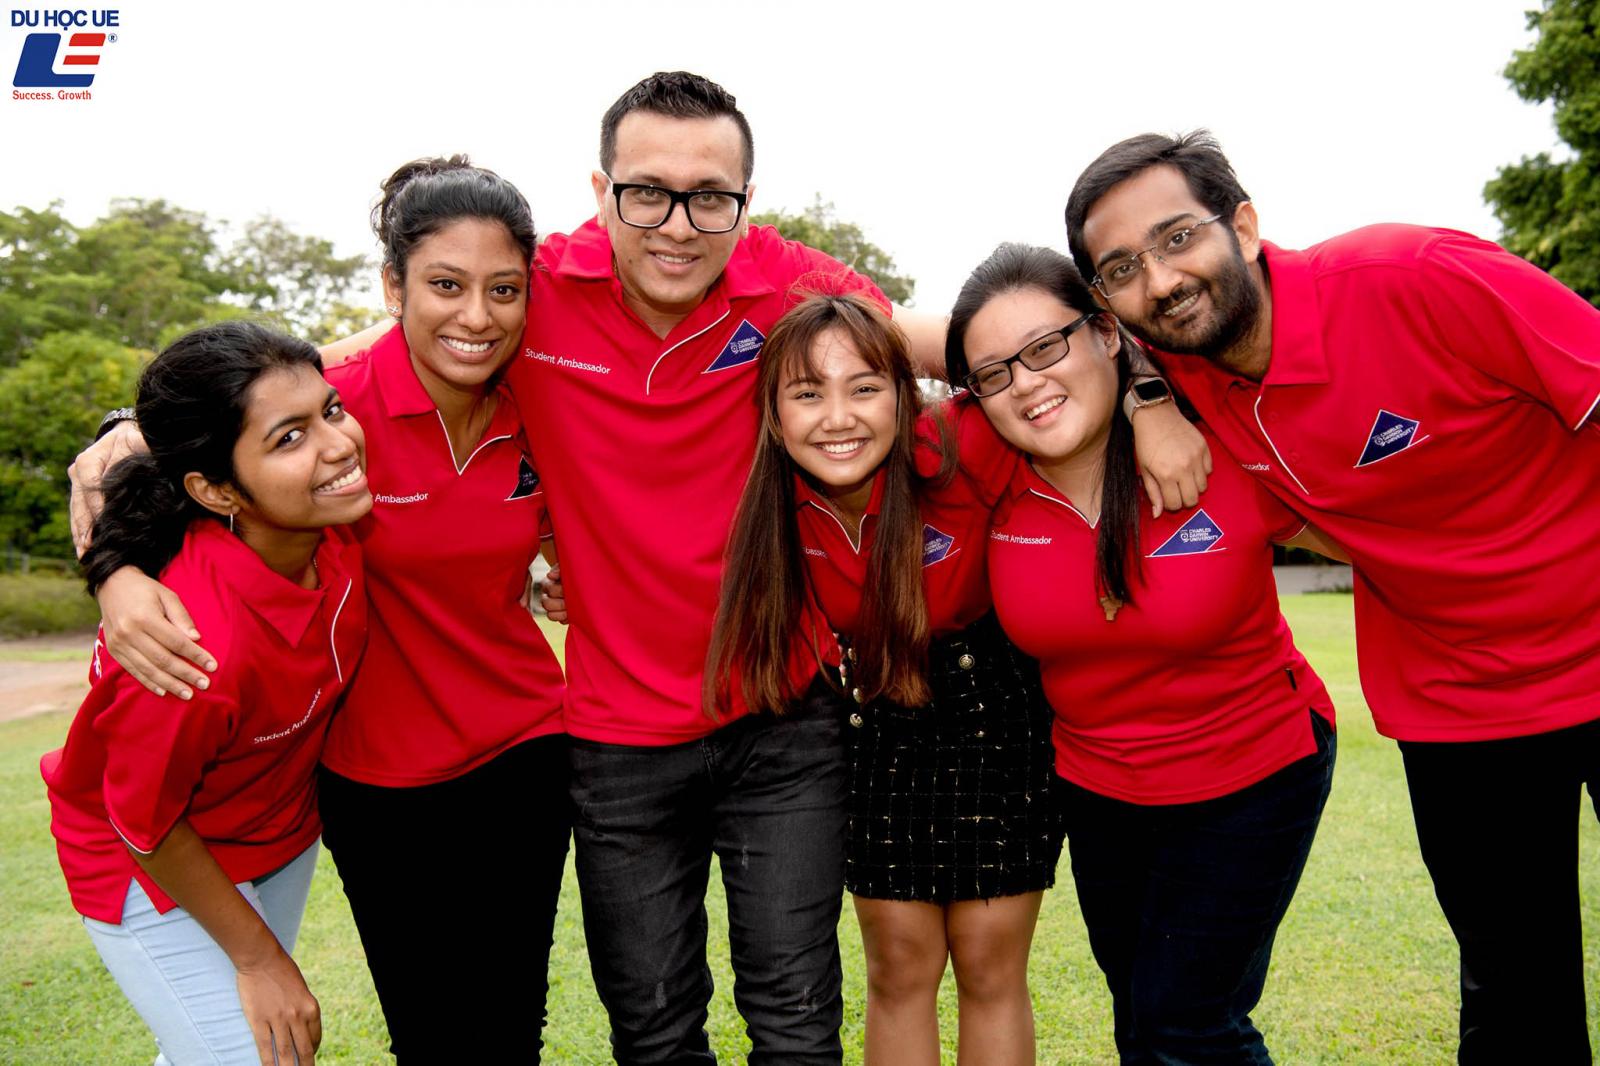 Thiên đường học bổng lên đến 100% dễ dàng tại Charles Darwin University